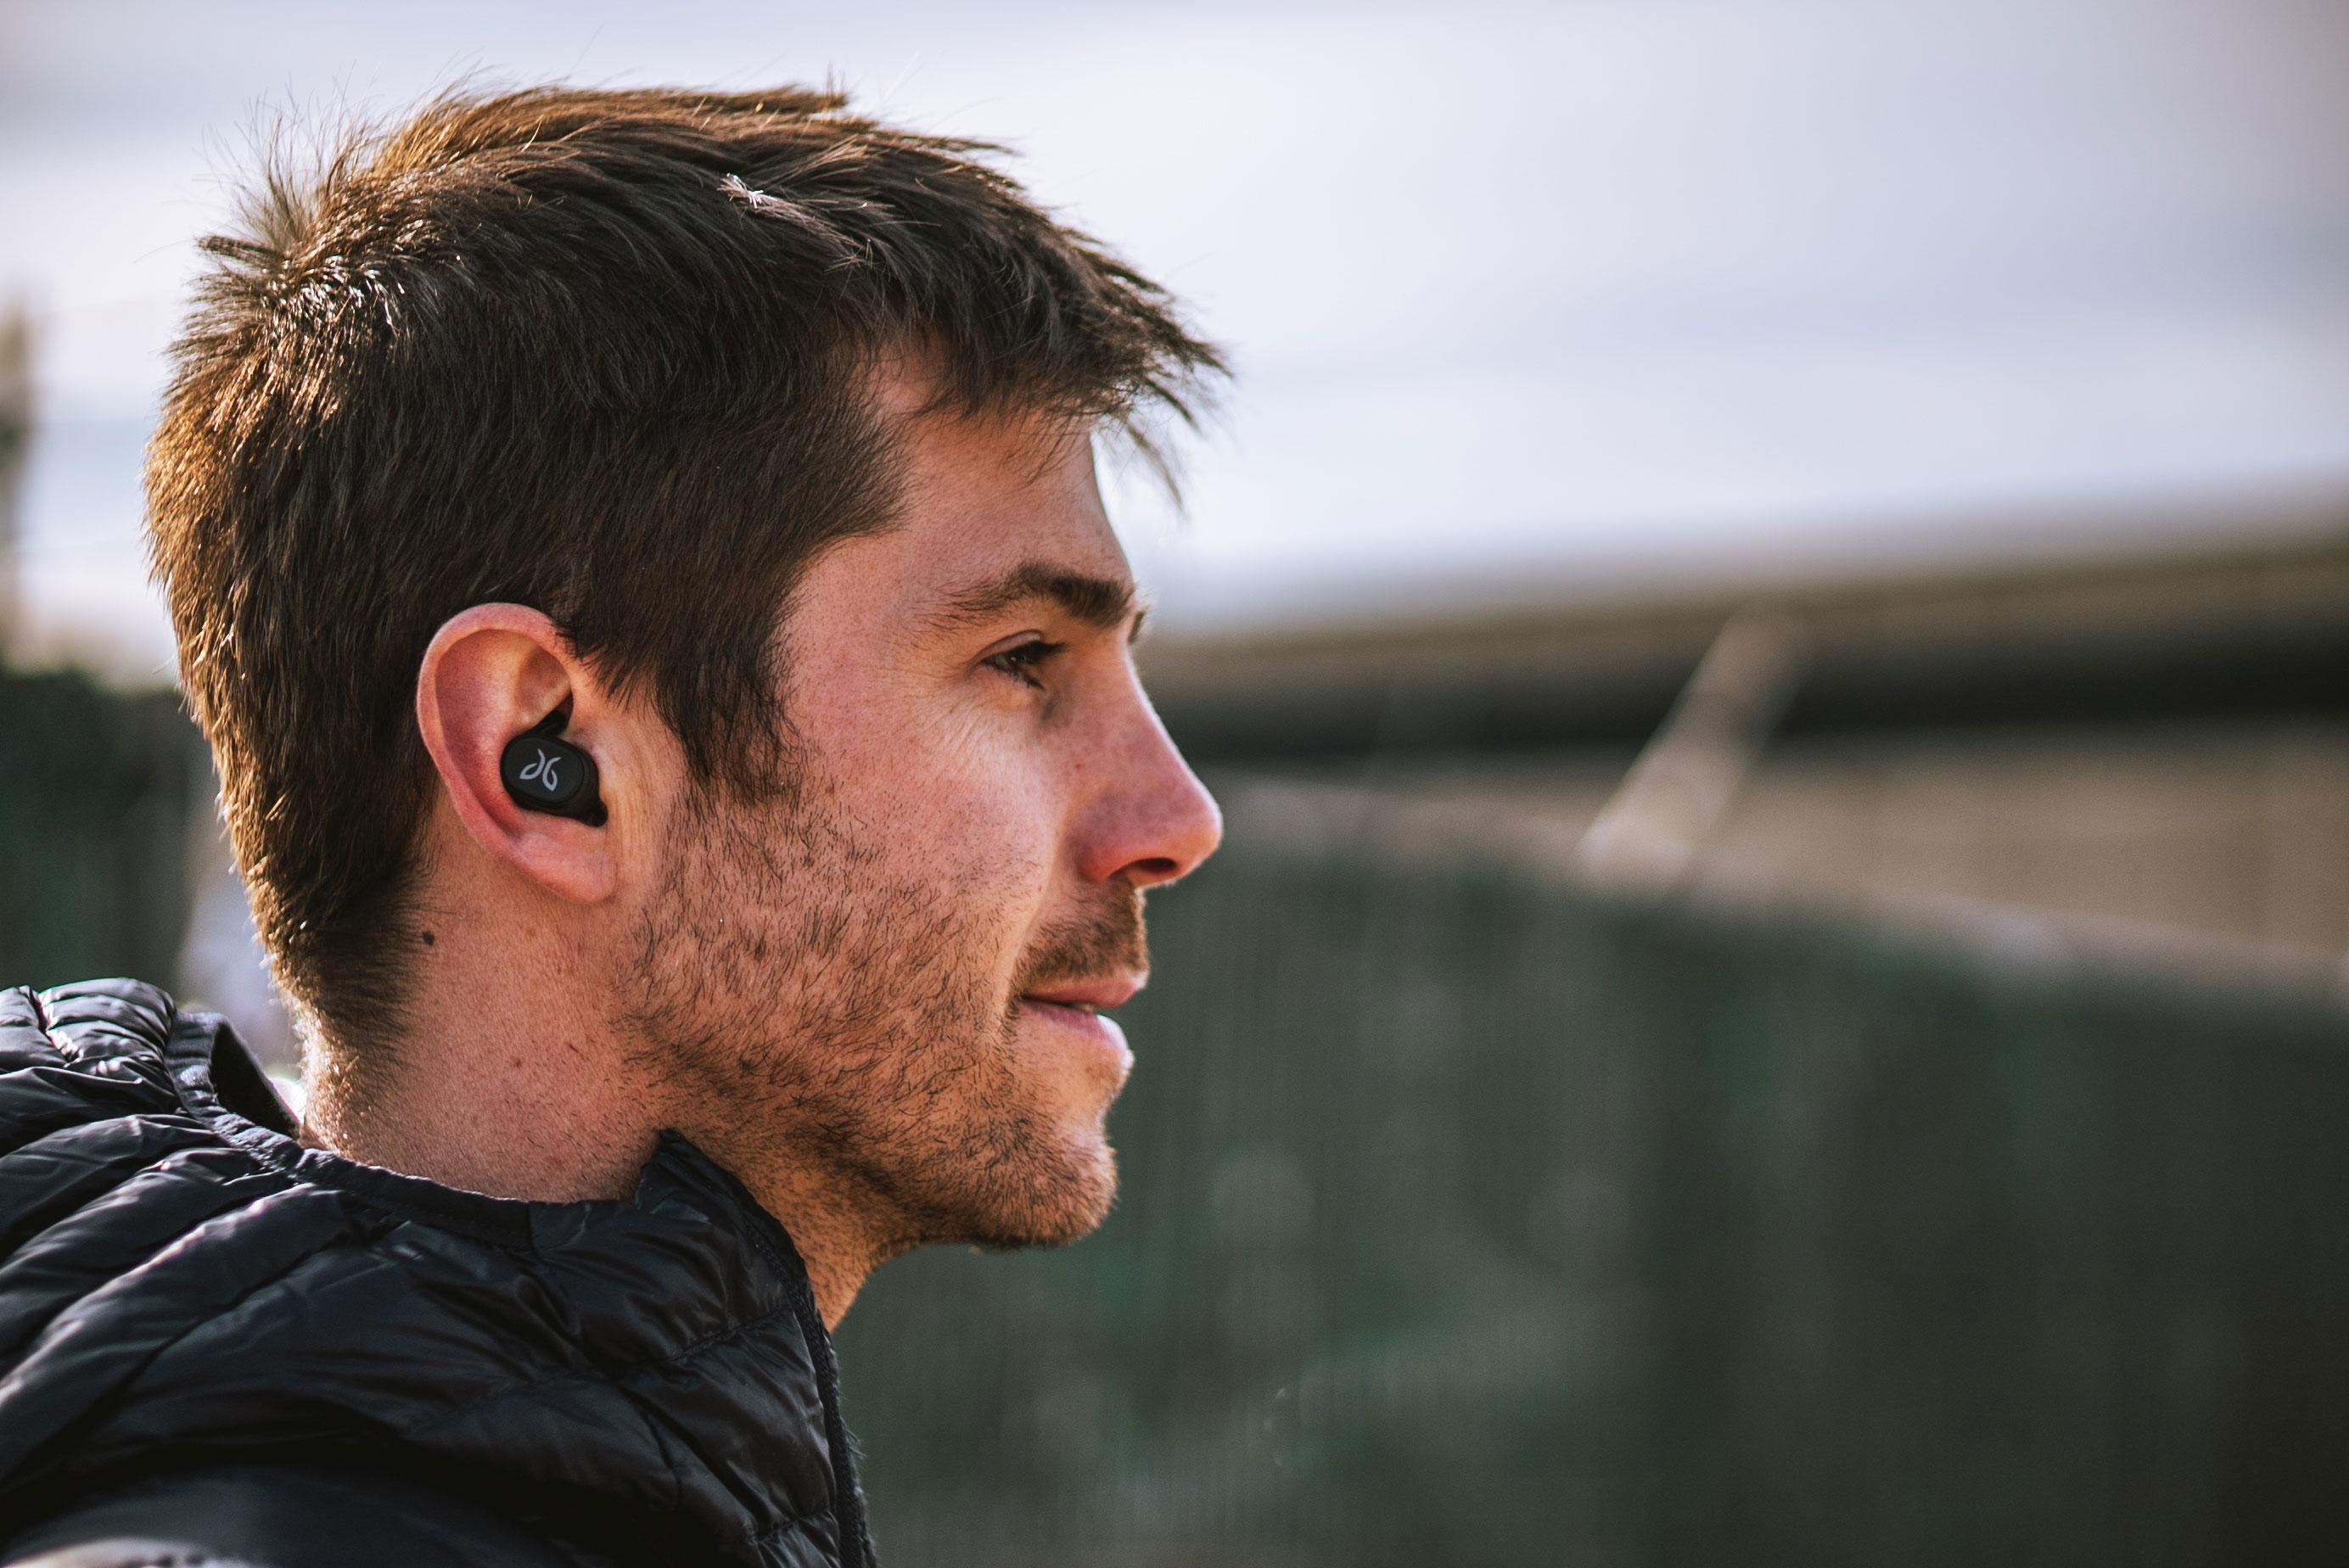 Jaybird Vista wireless headphones